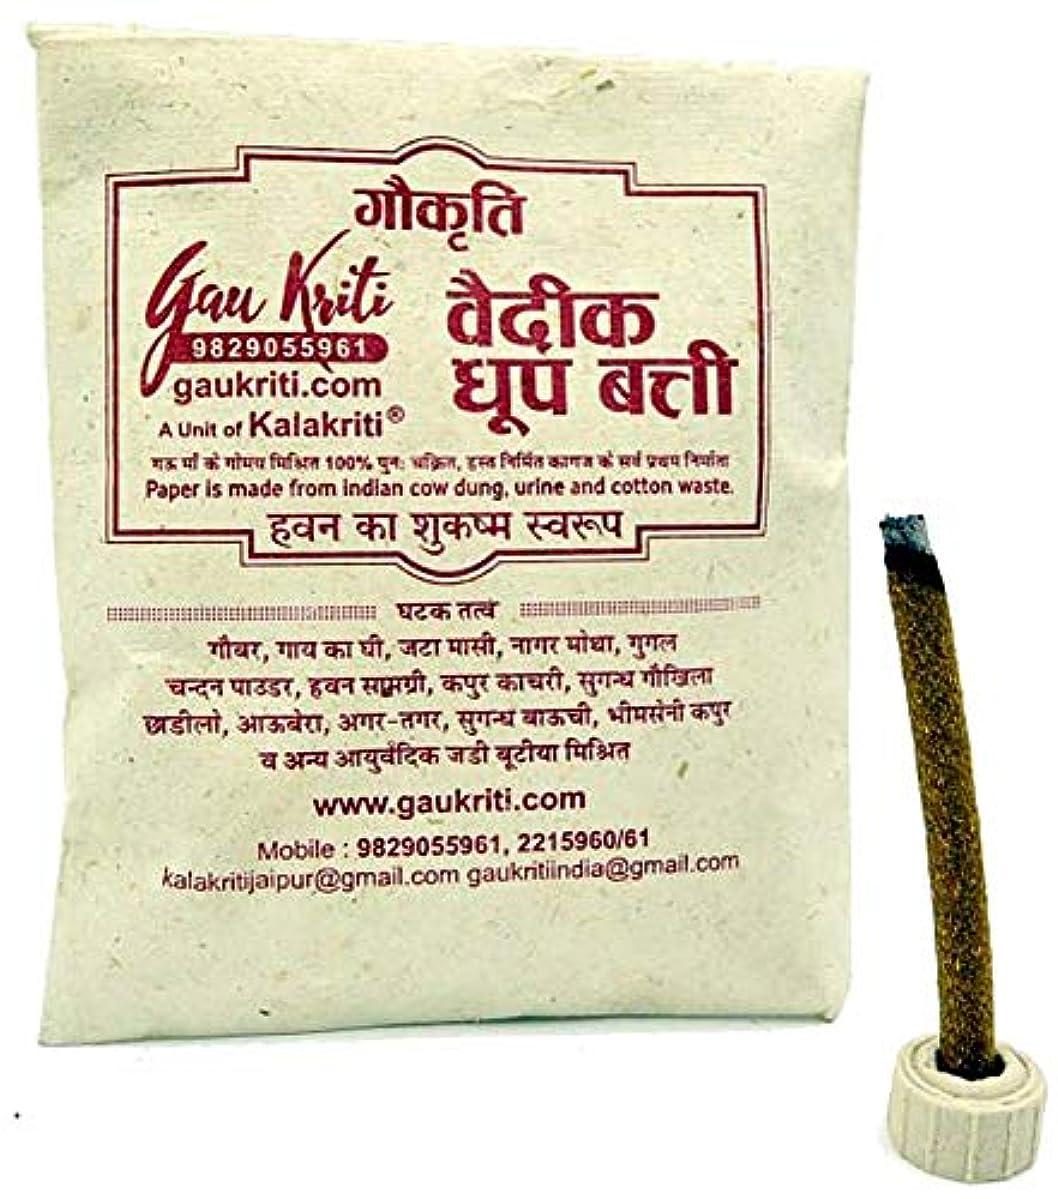 再編成する旅無効にするGau Kriti Vadic Dhoop Batti Made of Cow Dung Incense Sticks 3.5